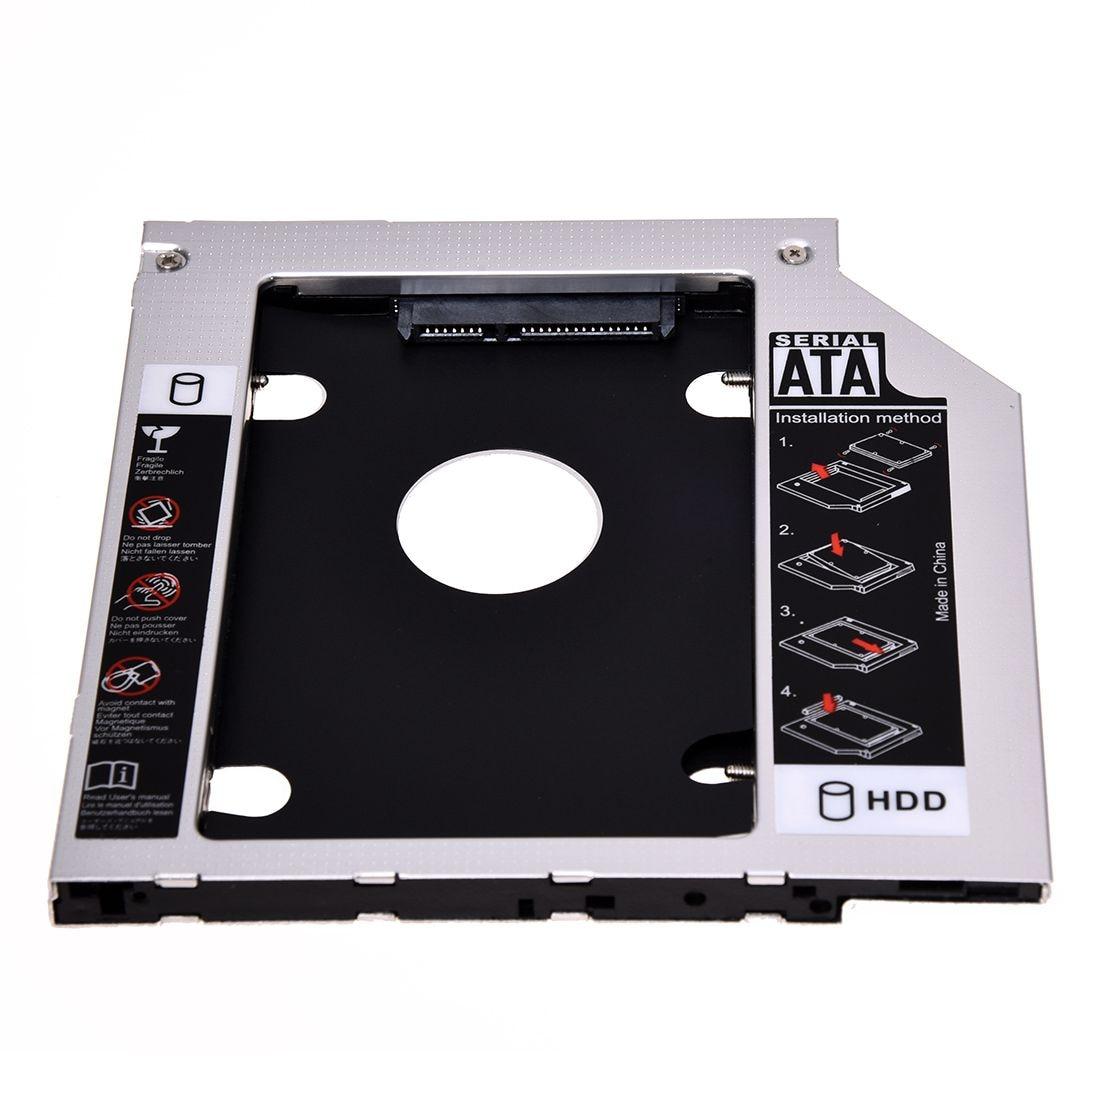 SATA 2-й жесткий диск HDD Caddy адаптер для ThinkPad T400 T410 T500 R400 R500